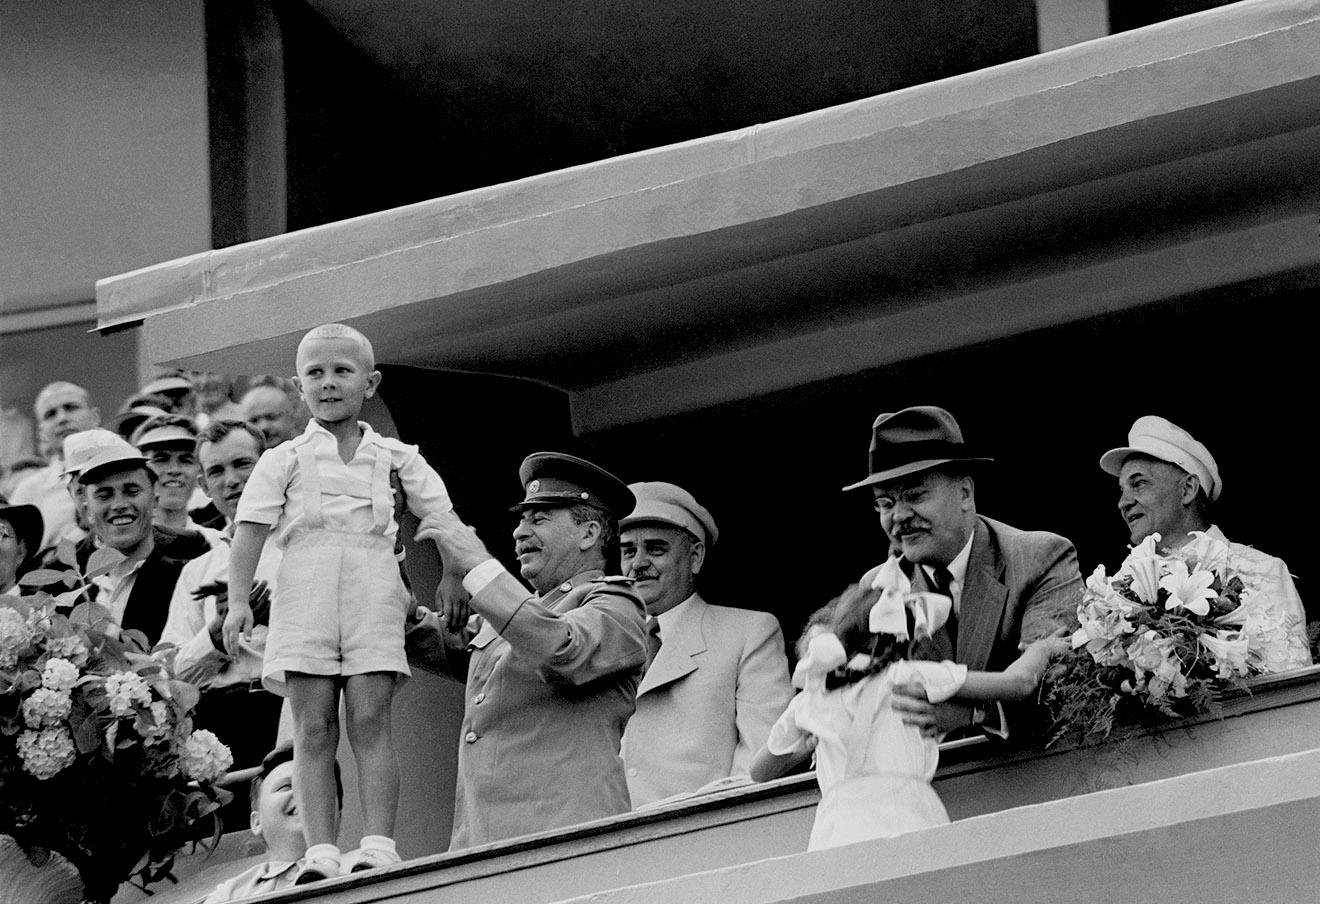 Иосиф Сталин и Вячеслав Молотов на трибуне с детьми, 1947 год.